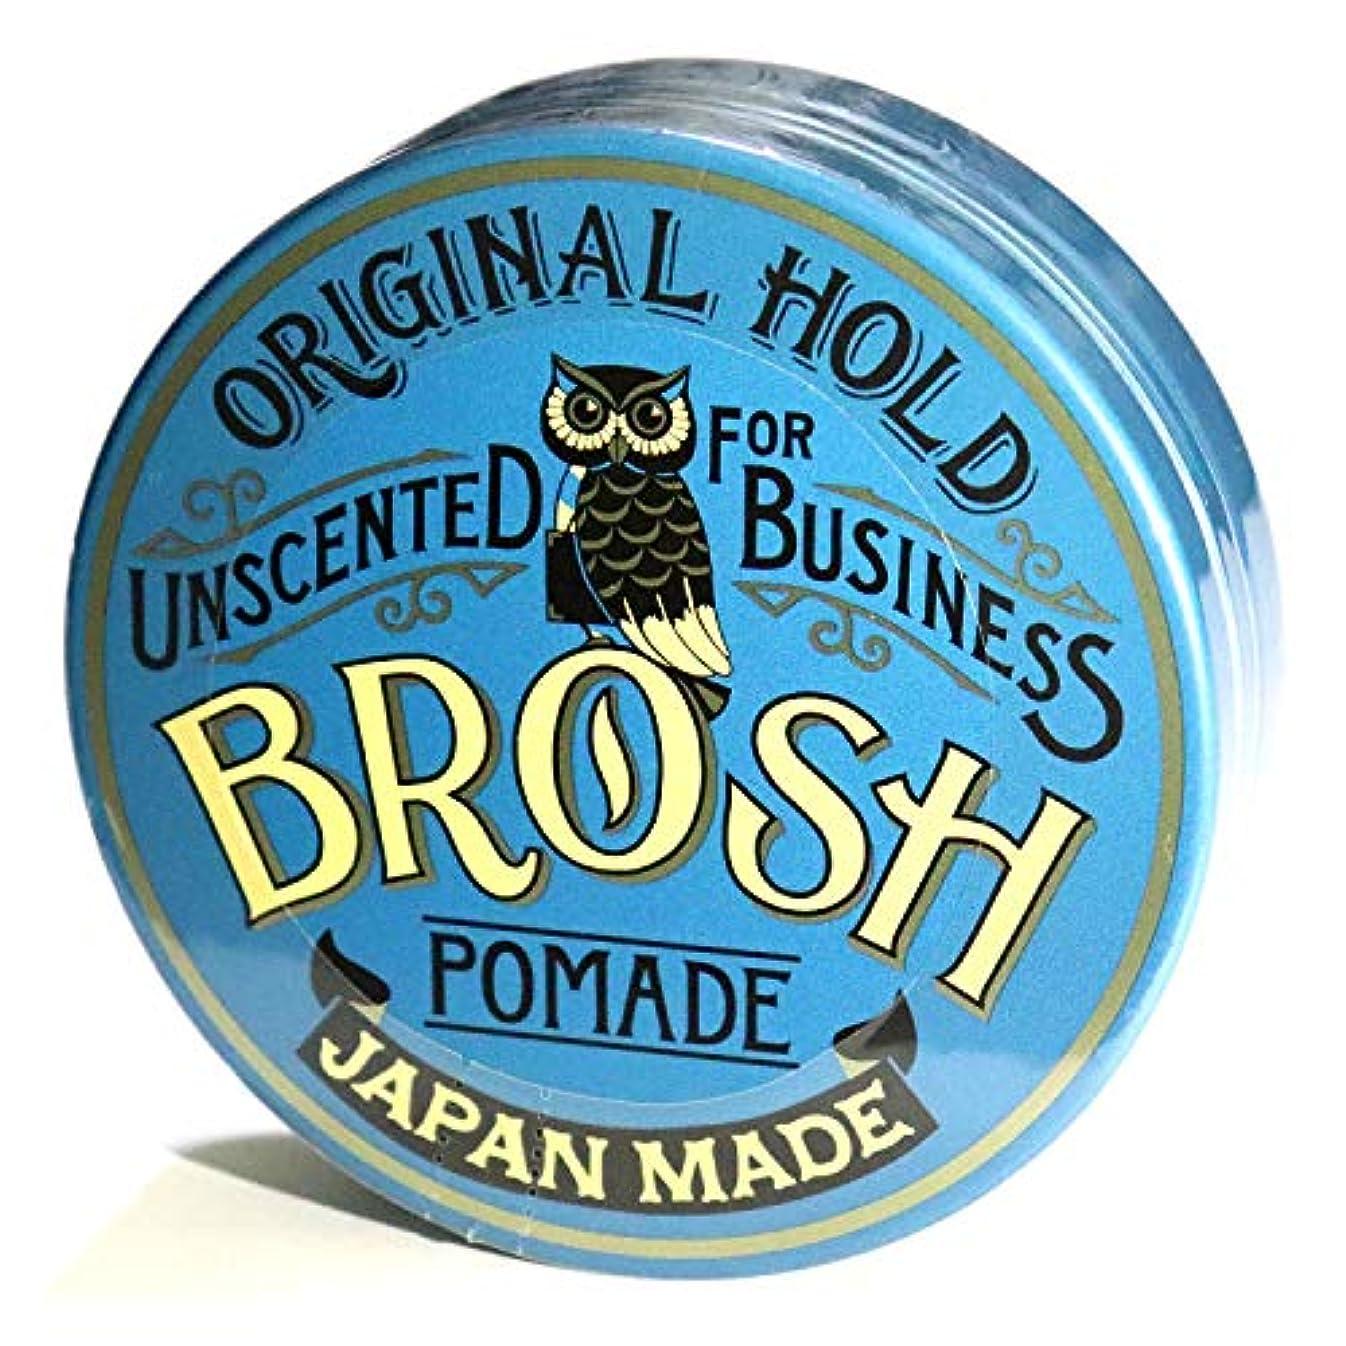 散文おもしろい垂直BROSH (ブロッシュ) BROSH POMADE UNSCENTED/BIZ 115g 水性ポマード 整髪料 無香料